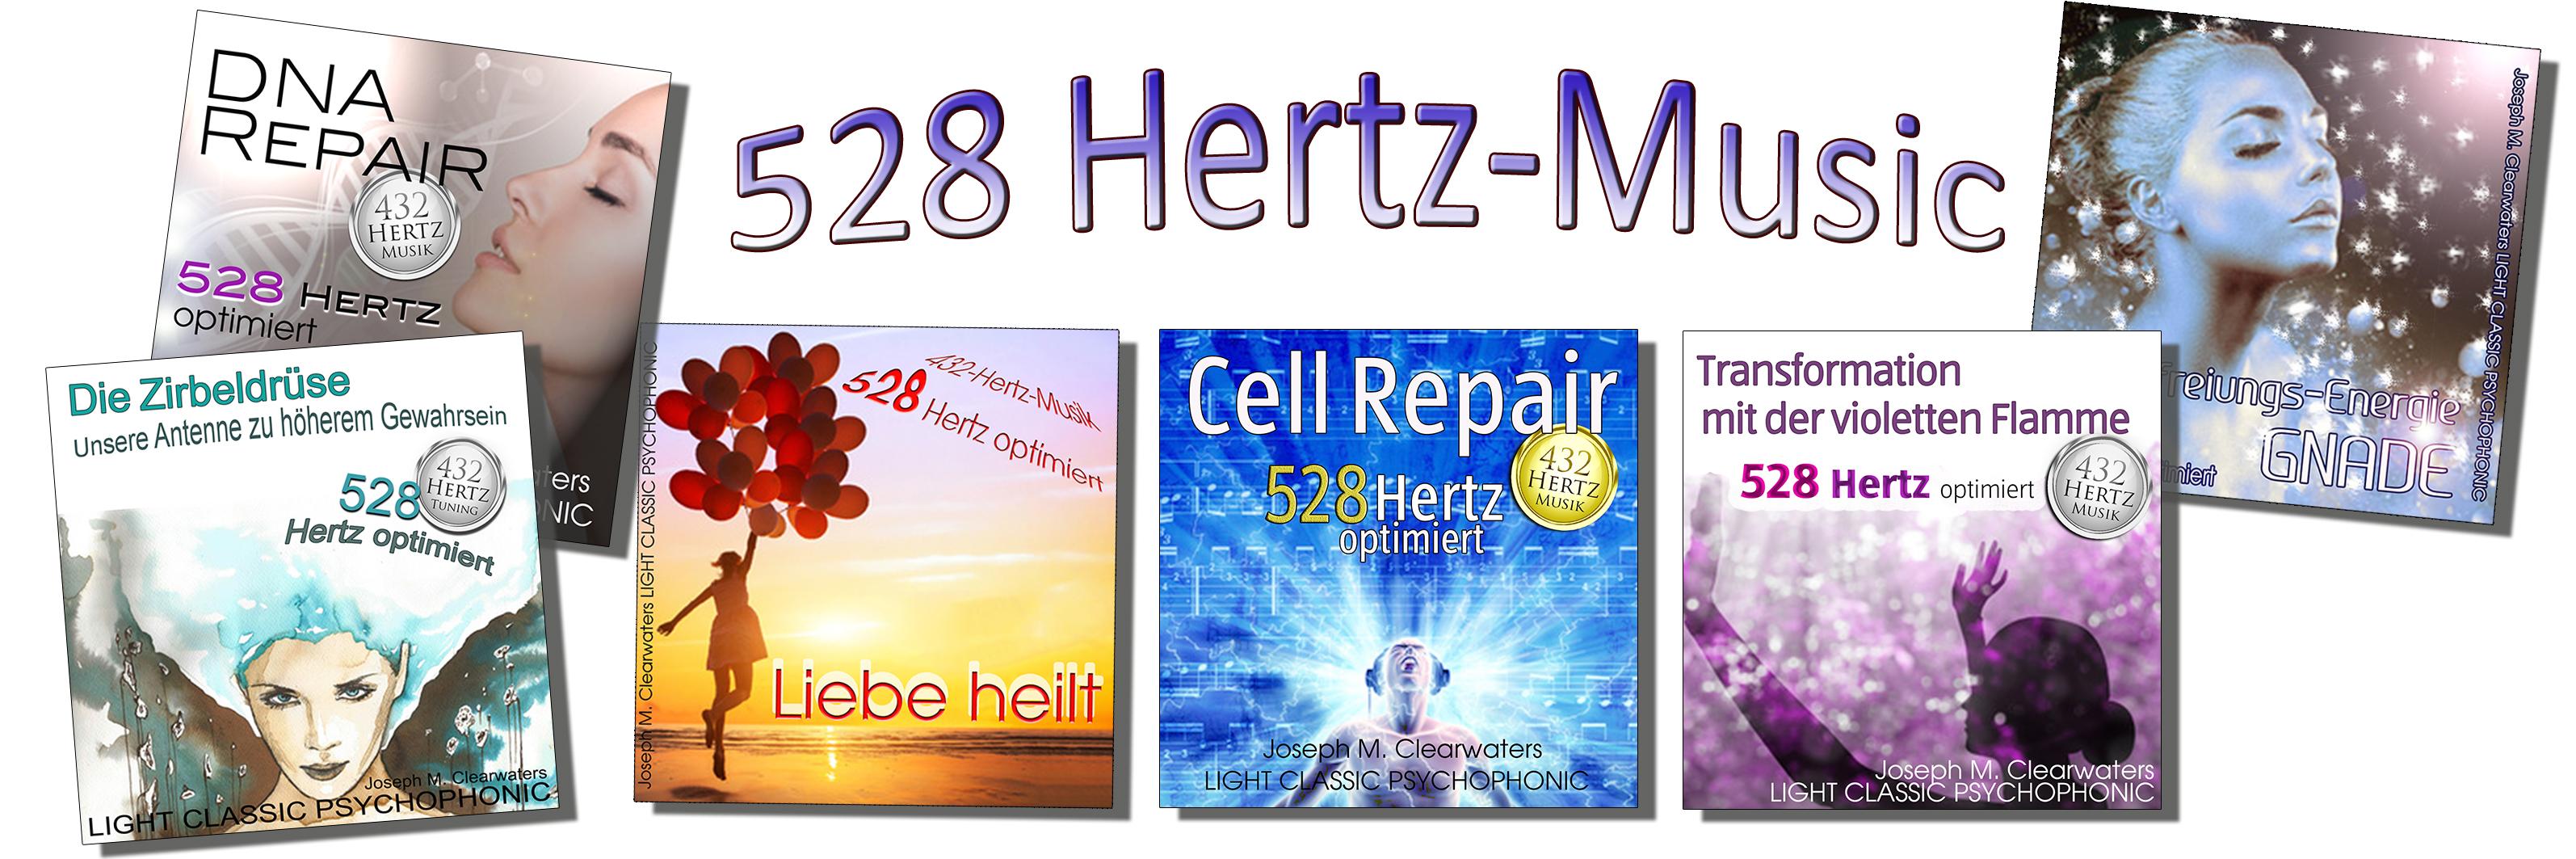 528 Hz Music